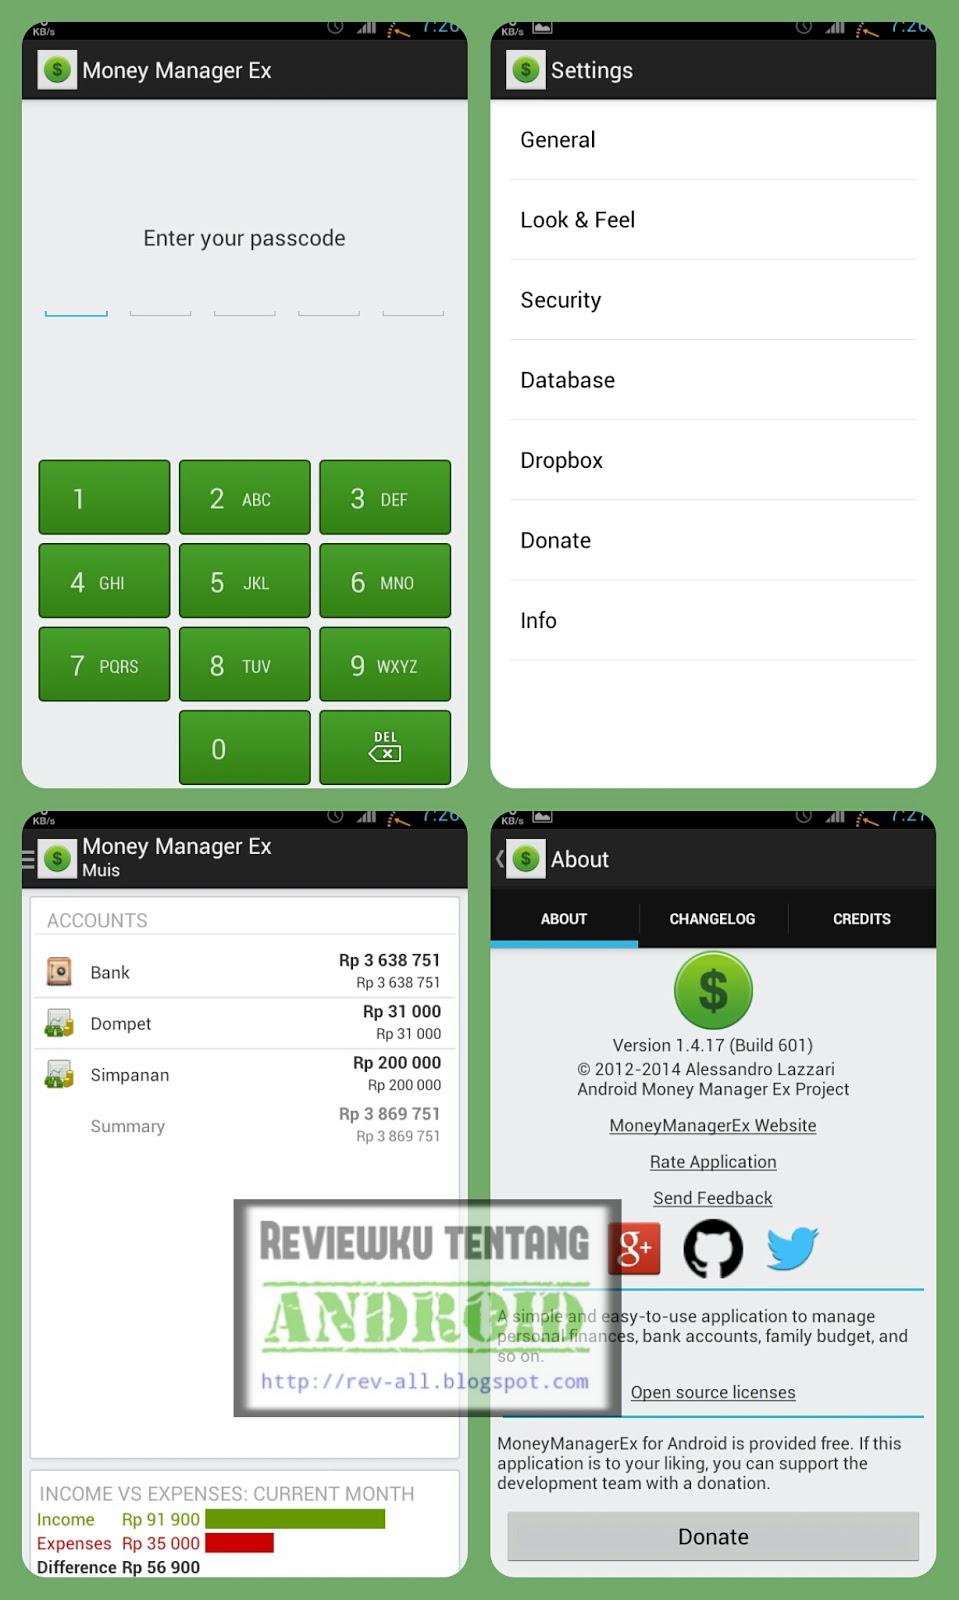 Screenshot tampilan aplikasi MONEY MANAGER EX - Pengatur keuangan untuk perangkat android gratis yang bagus (rev-all.blogspot.com)